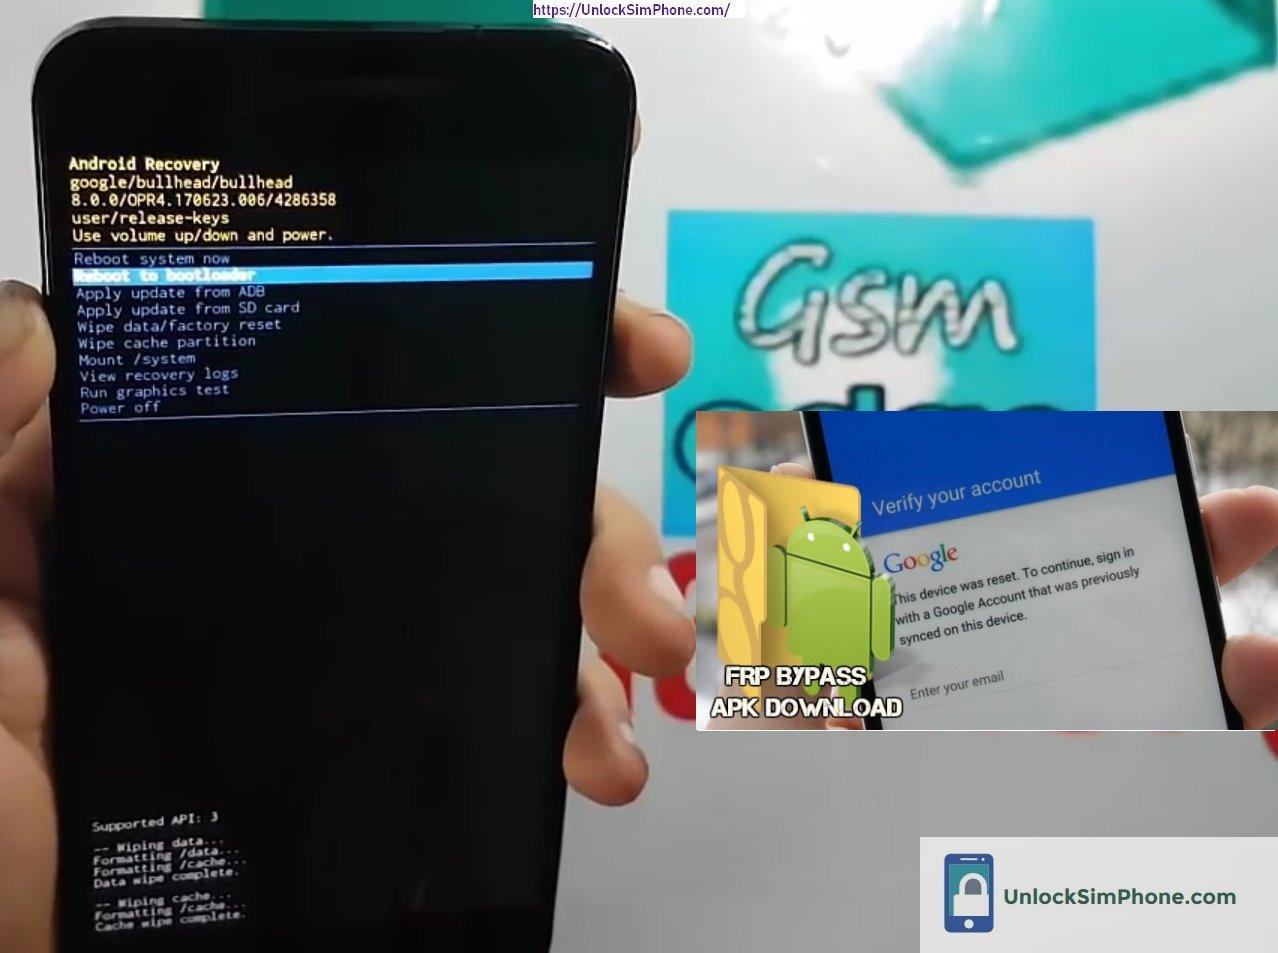 Google frp bypass apk download